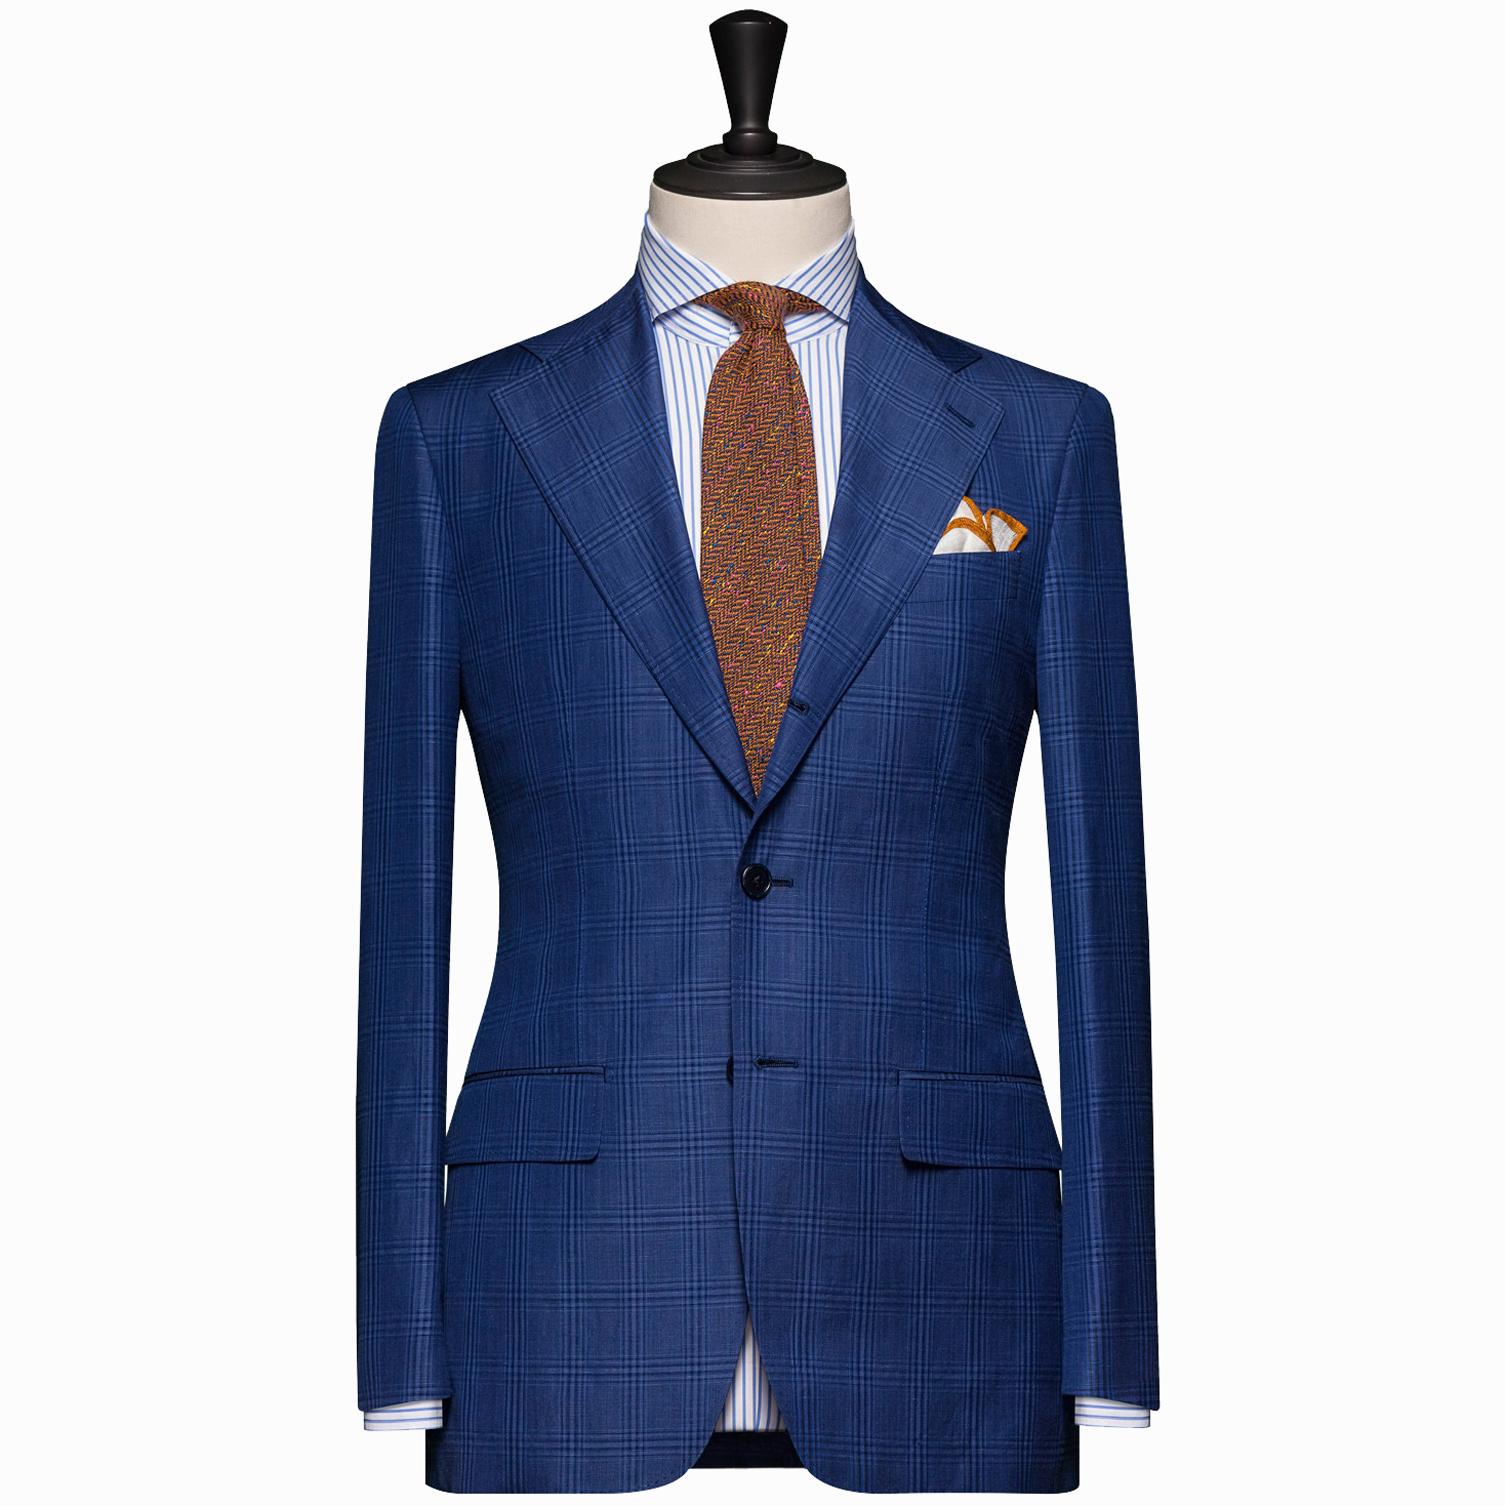 13_Suit_Blue_Plaid-Check.jpg